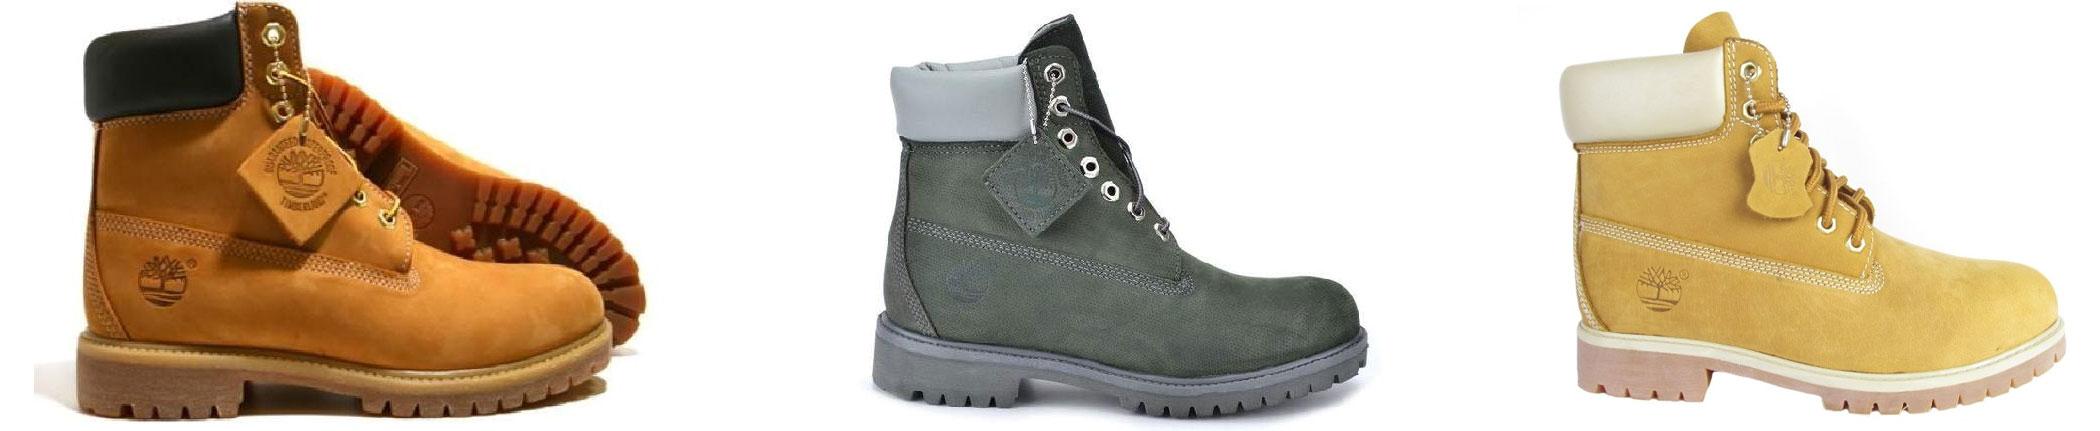 b9bc4dc5520603 ... они не могут воспроизвести то же качество, не владея оригинальными  технологиями. Как же распознать обман и избежать покупки низкокачественной  обуви?